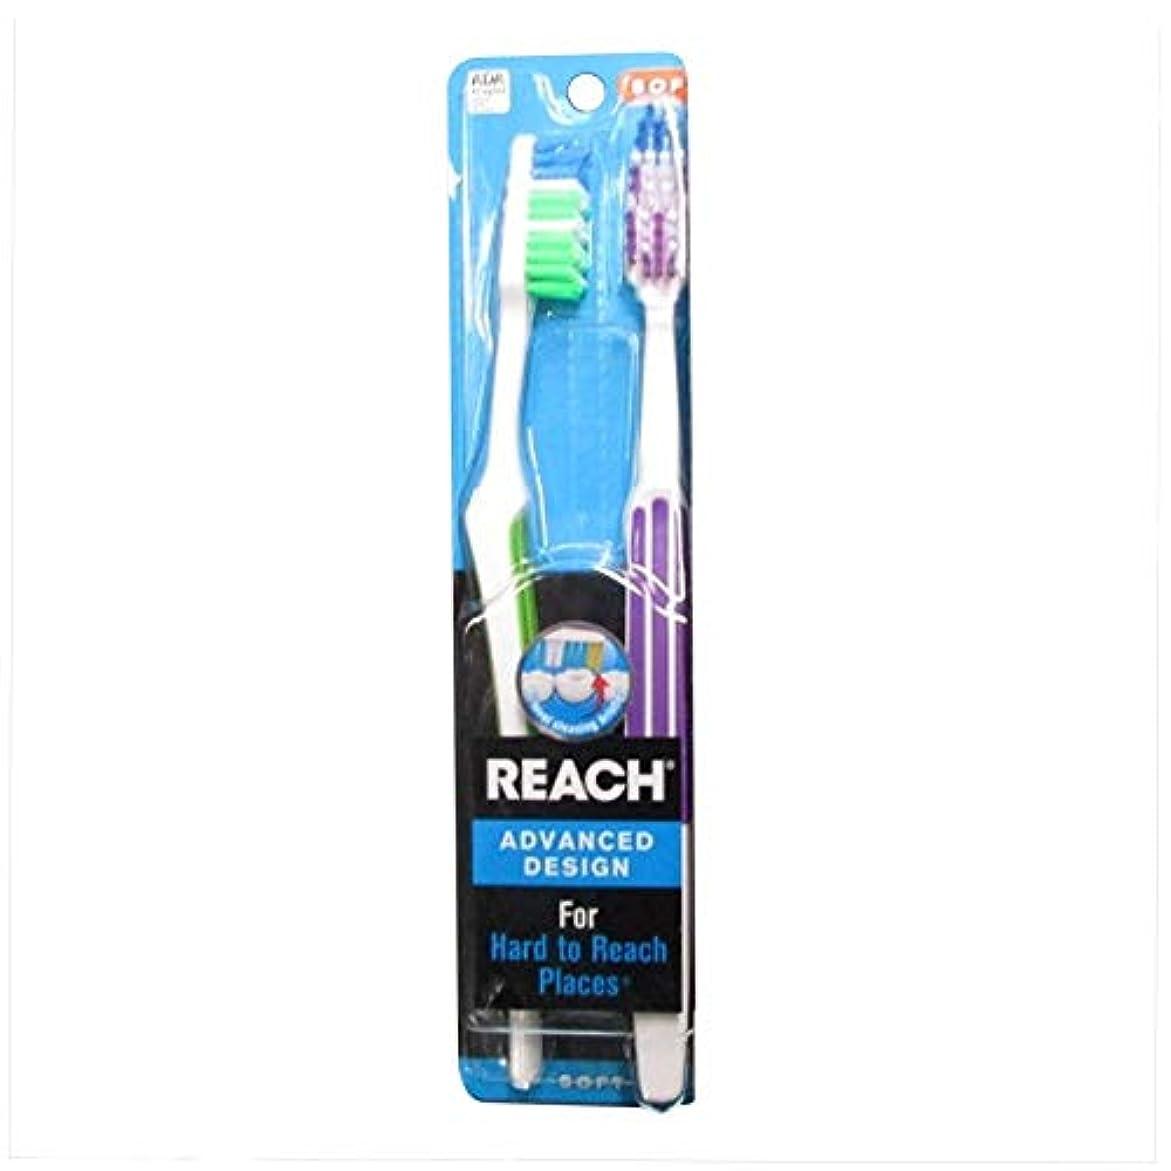 セージドライブ部分的にReach 高度なデザイン完全な頭部柔らかい歯ブラシ、盛り合わせ色、2カウント(2パック)合計4歯ブラシ